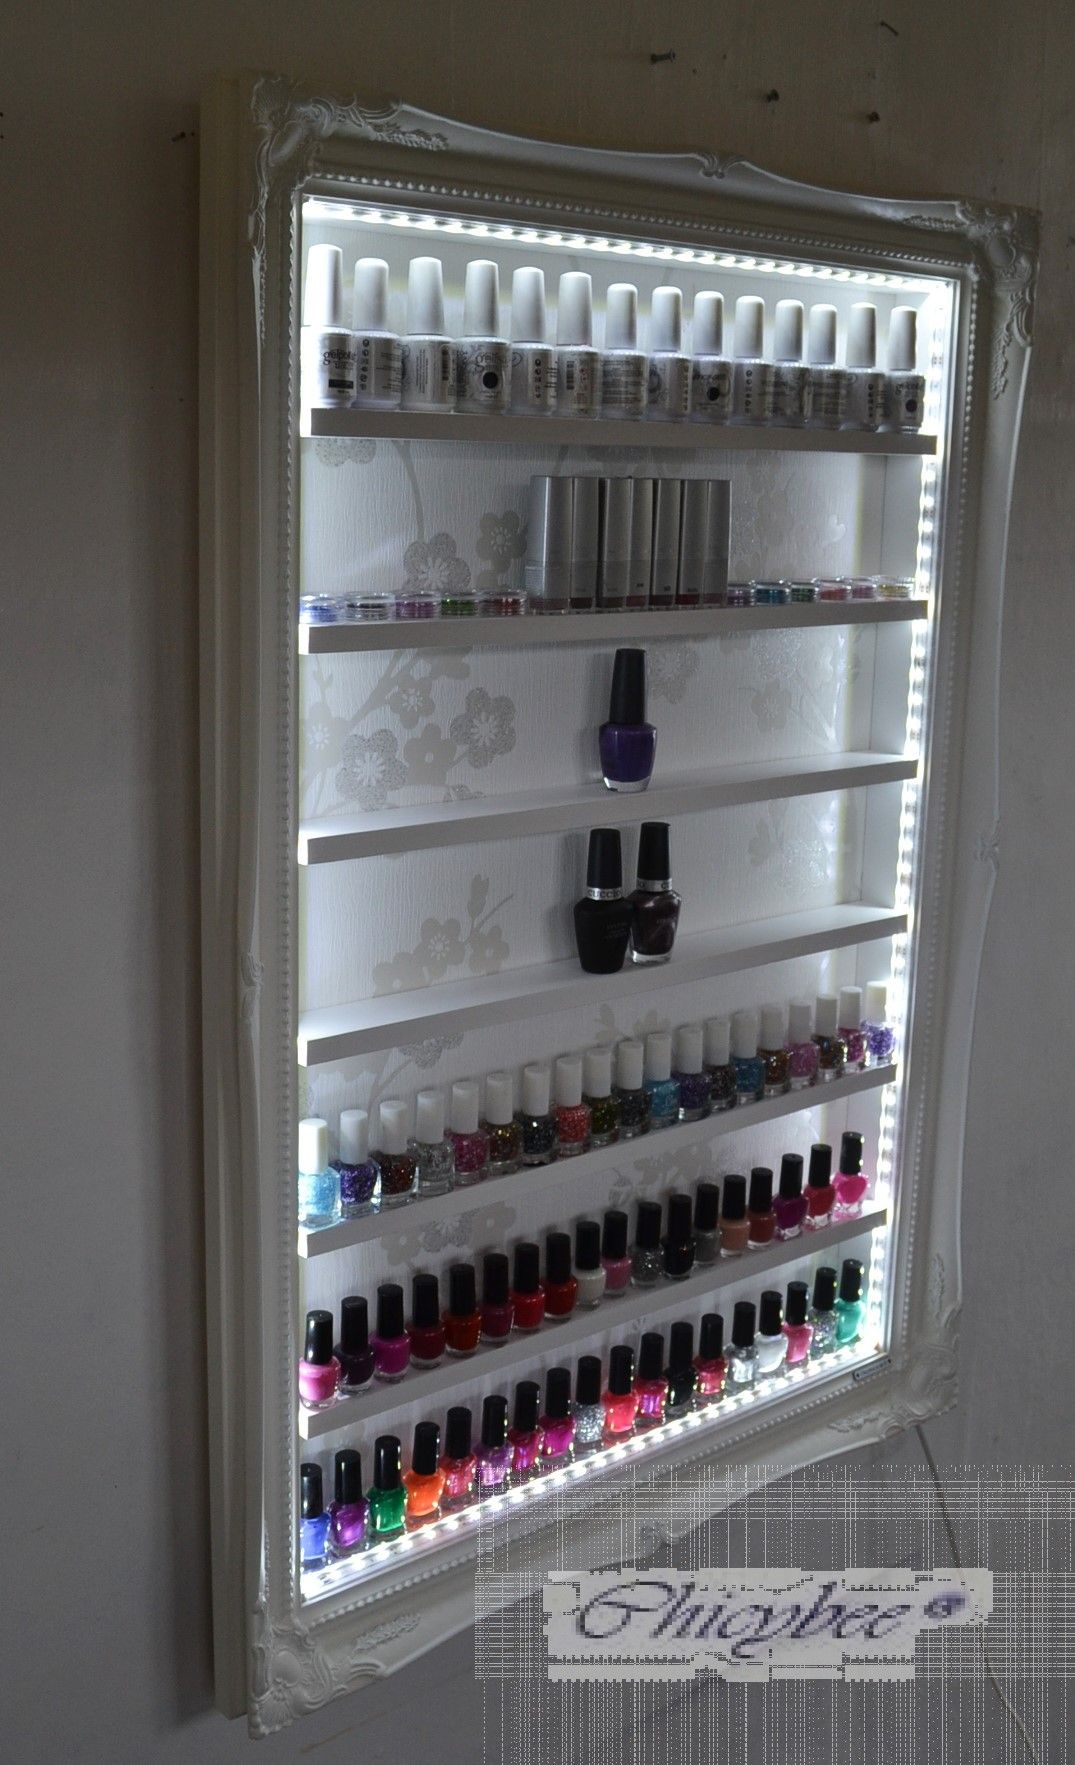 Nail Polish Beauty Product Display Rack With Led Lighting